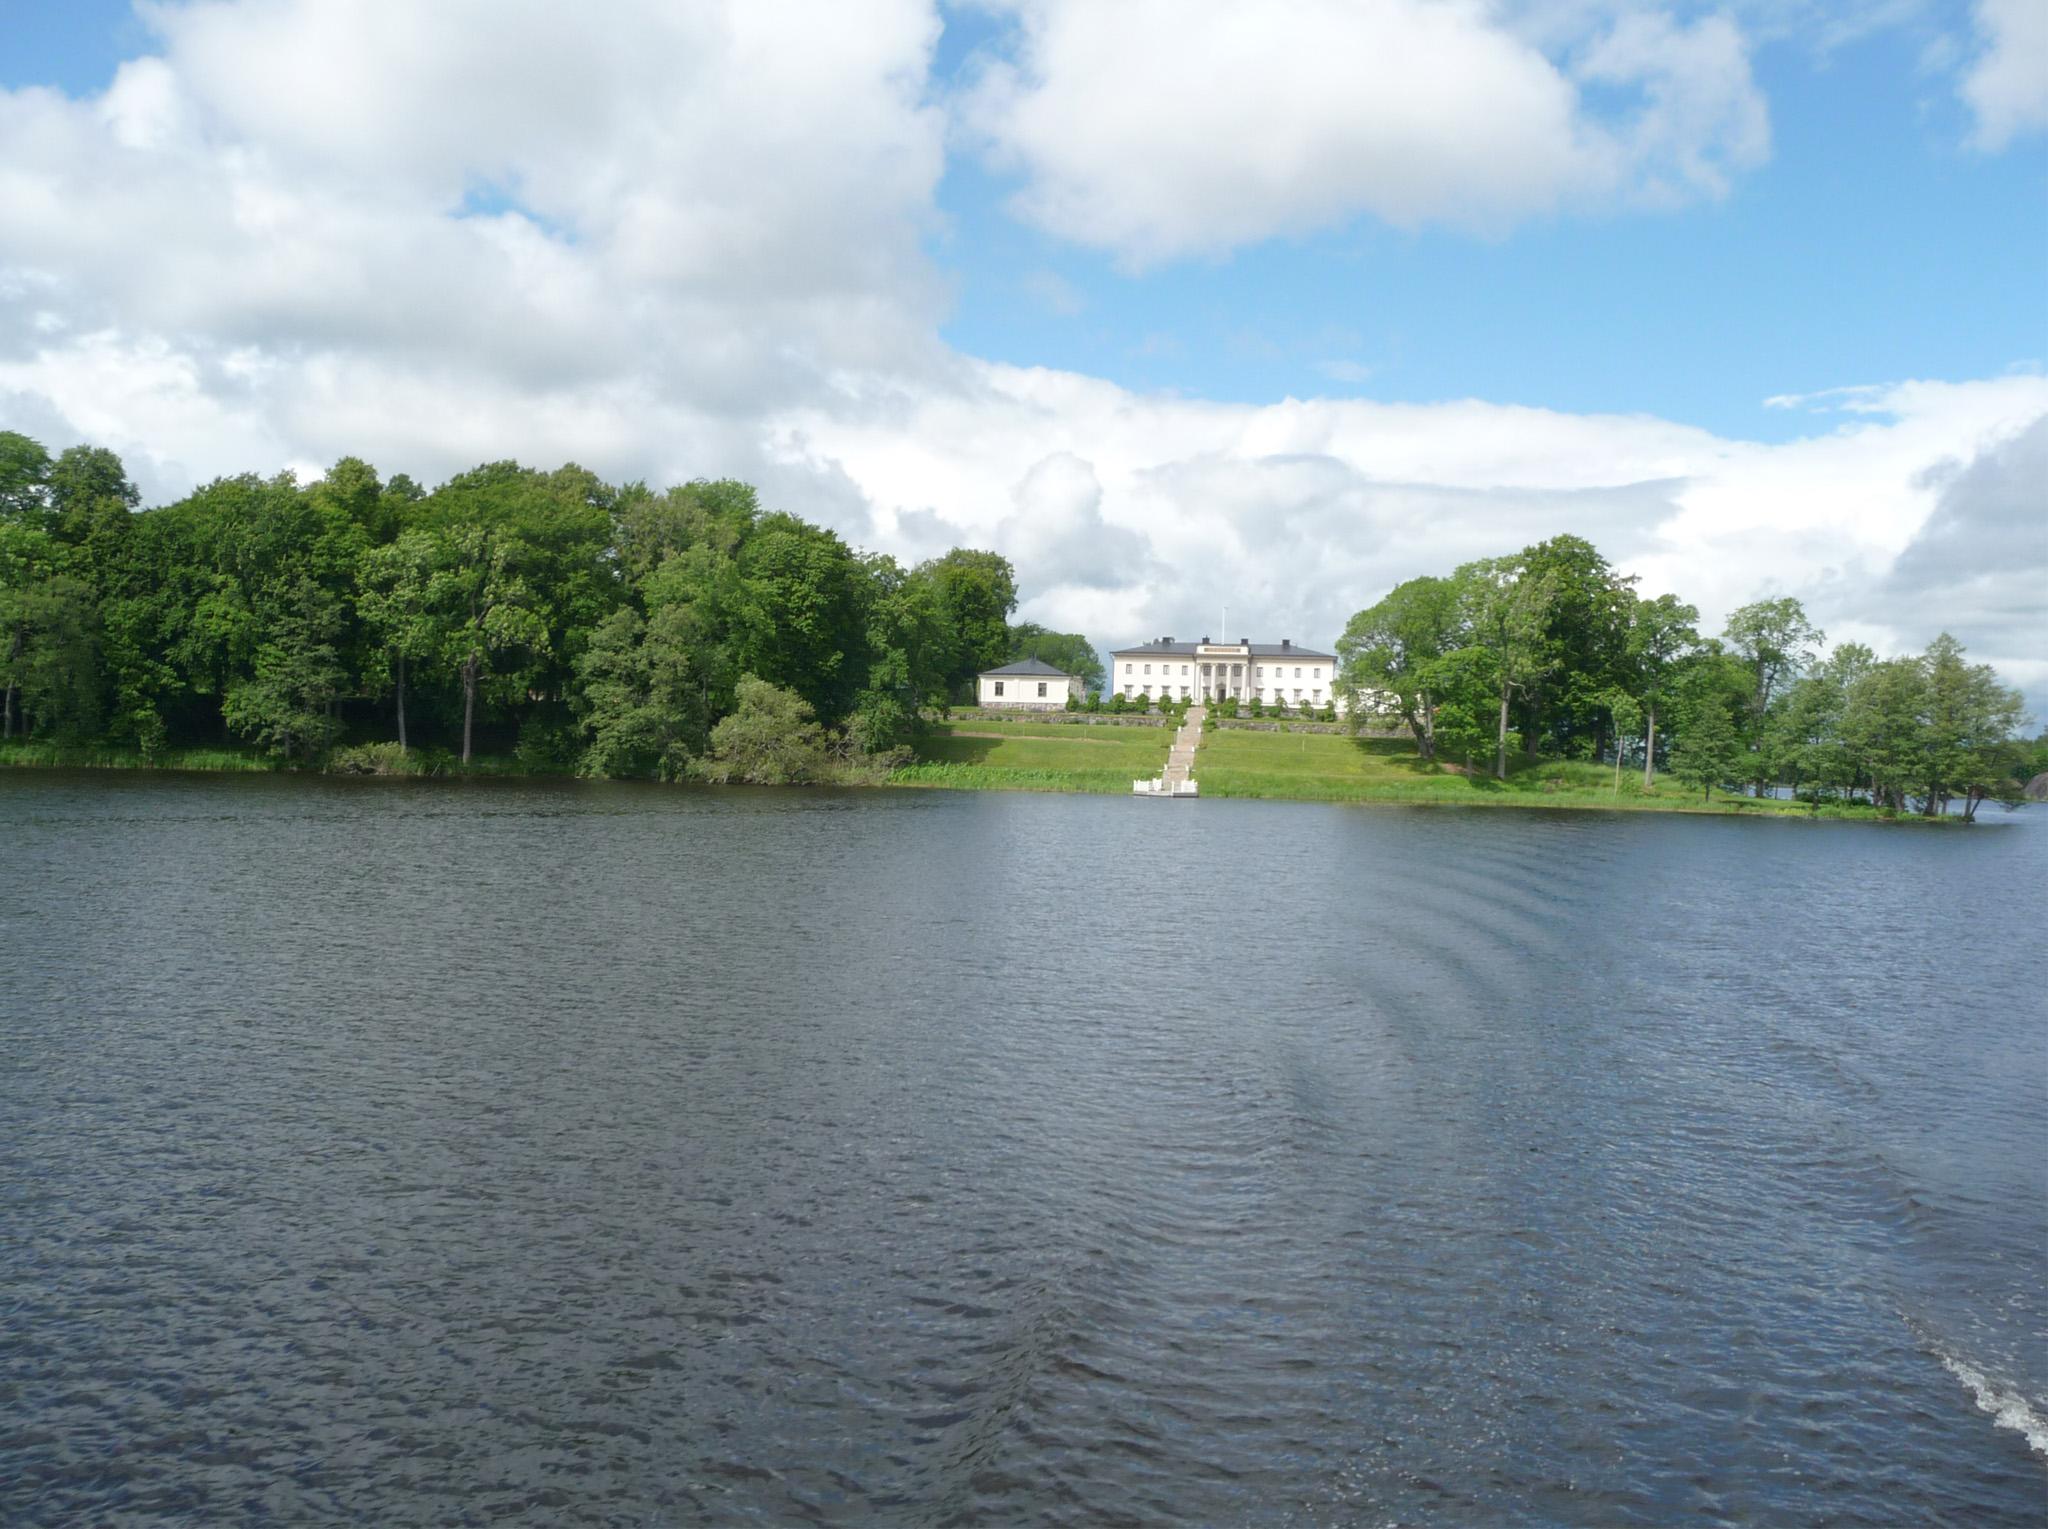 2012 Stjärnsunds slott, Olshammars gård. - 40